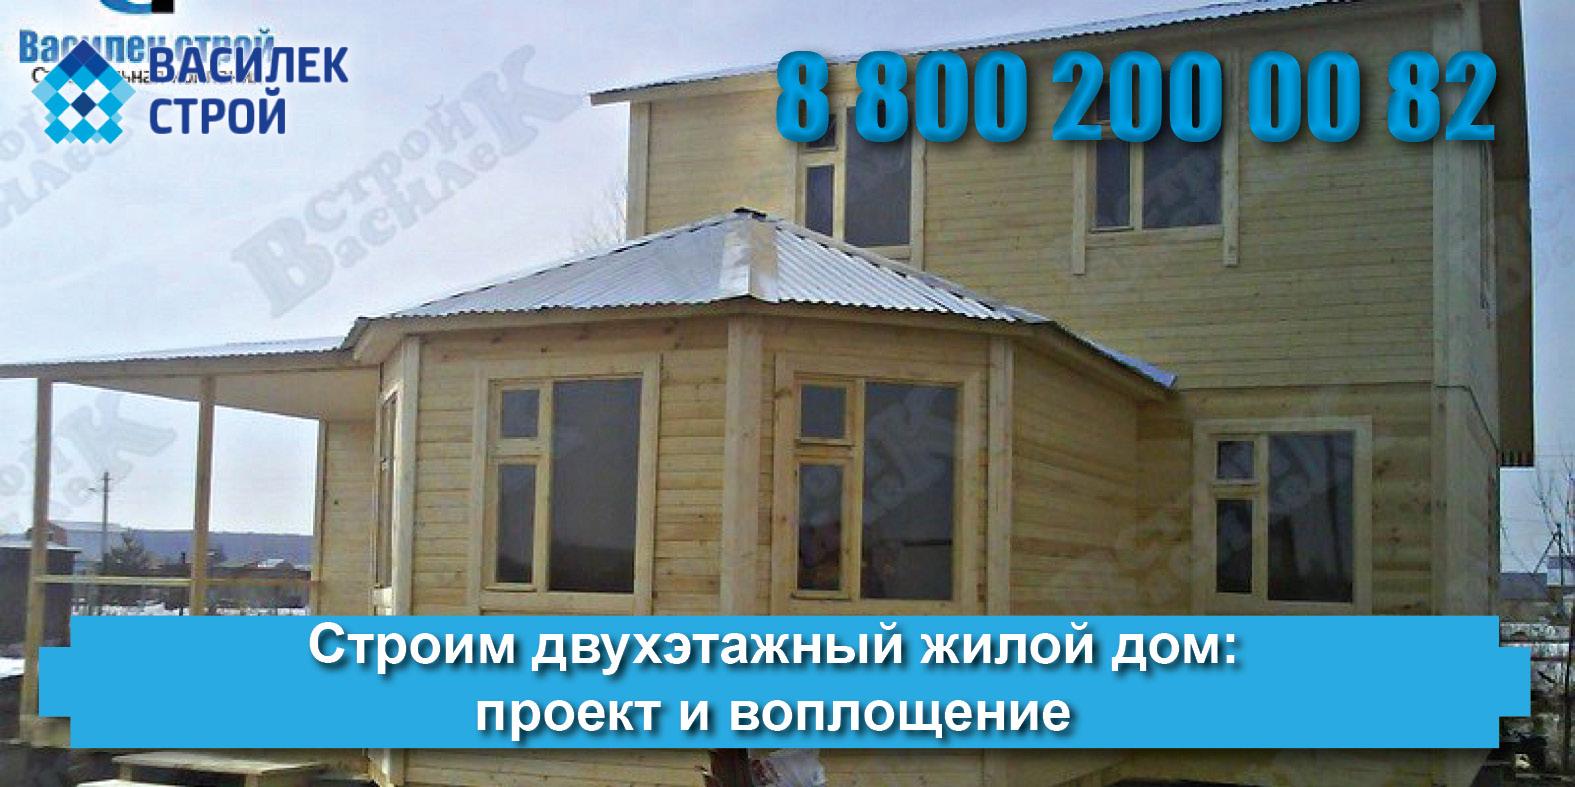 Как своими руками построить двухэтажный жилой дом: проект двухэтажного деревянного жилого дома из бруса можно получить бесплатно